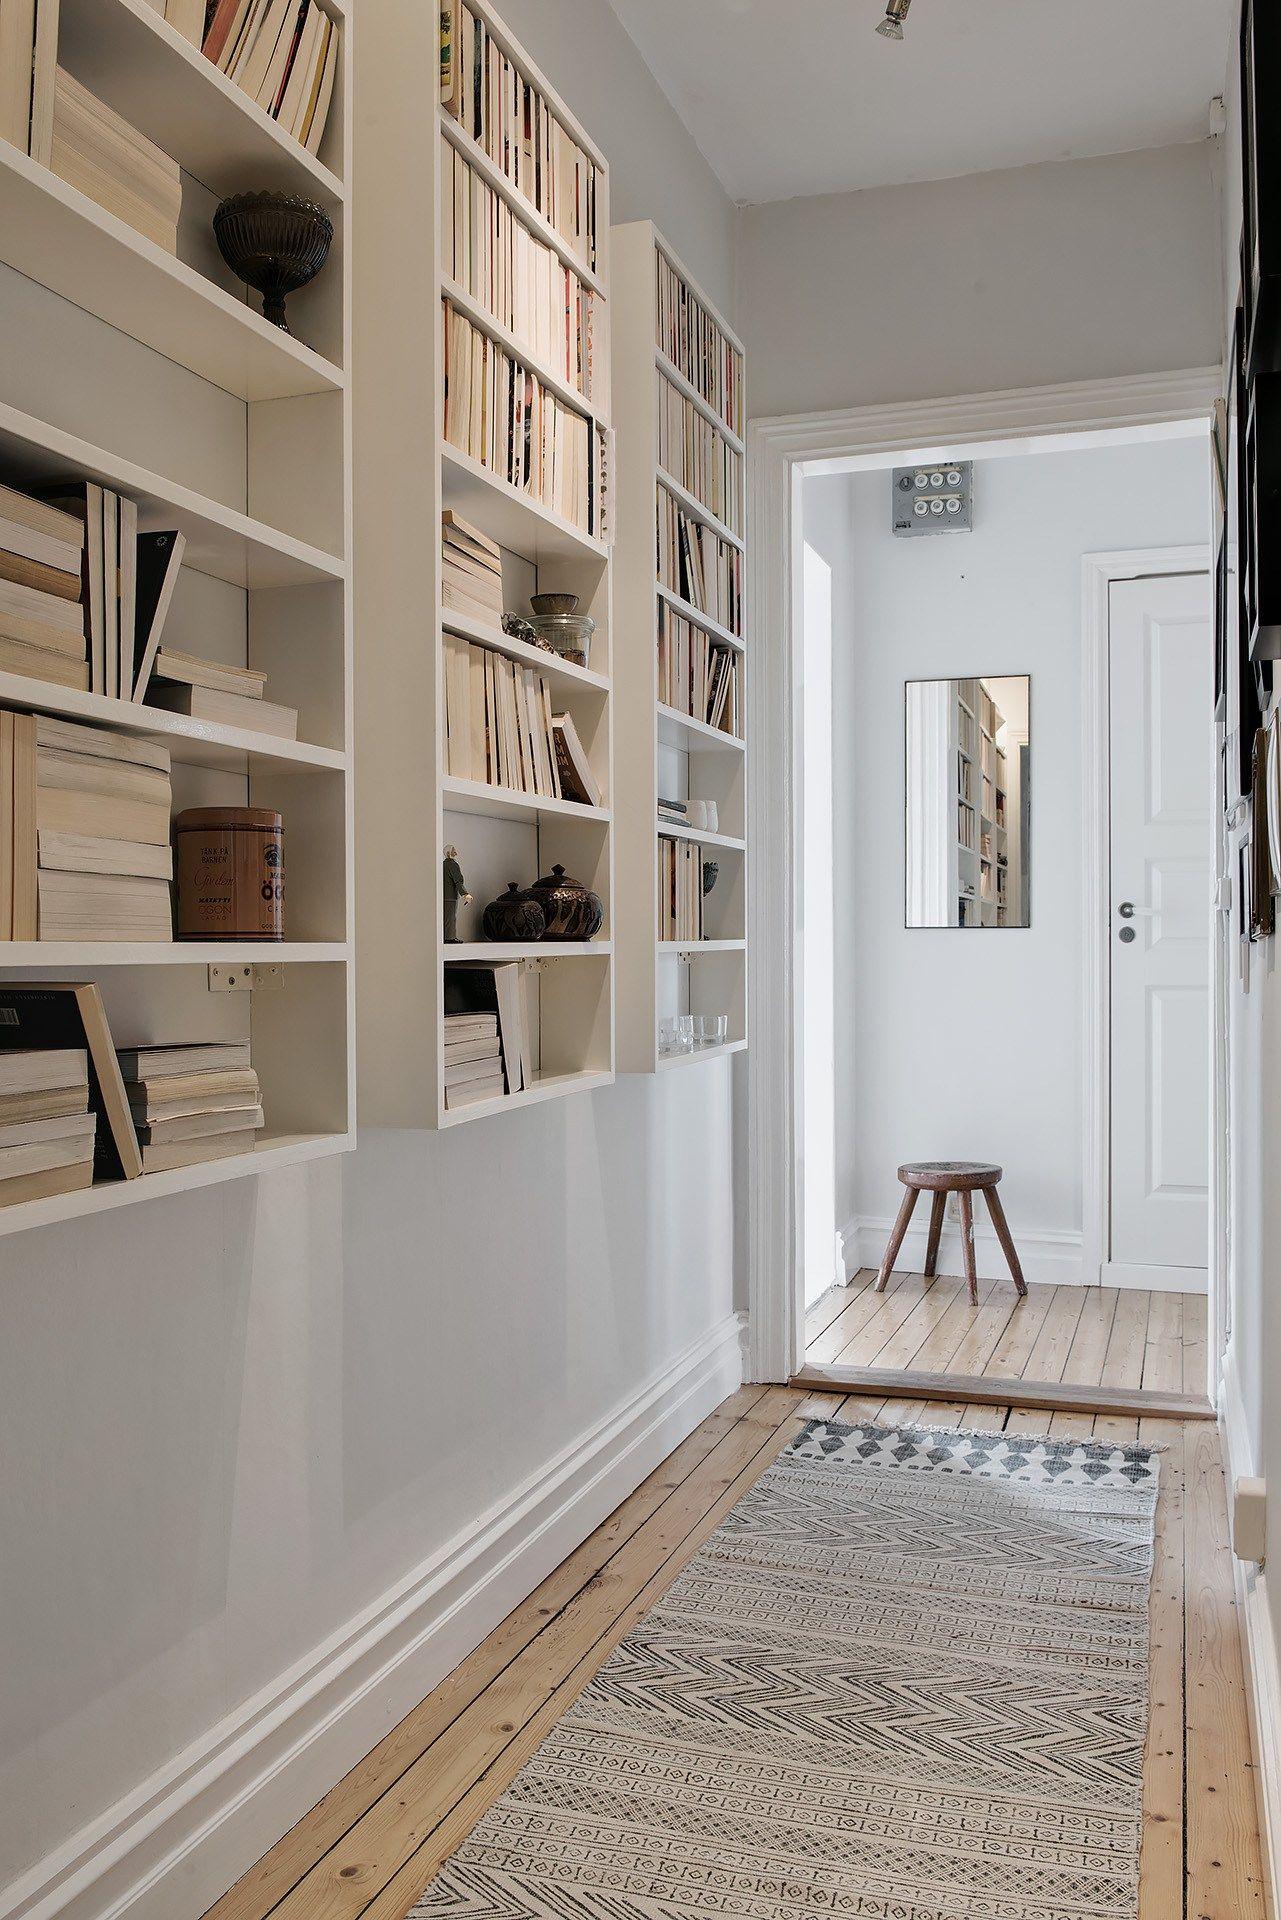 Dormitorio para hacer hygge pasillos el pasillo y for Decoracion nordica pisos pequenos